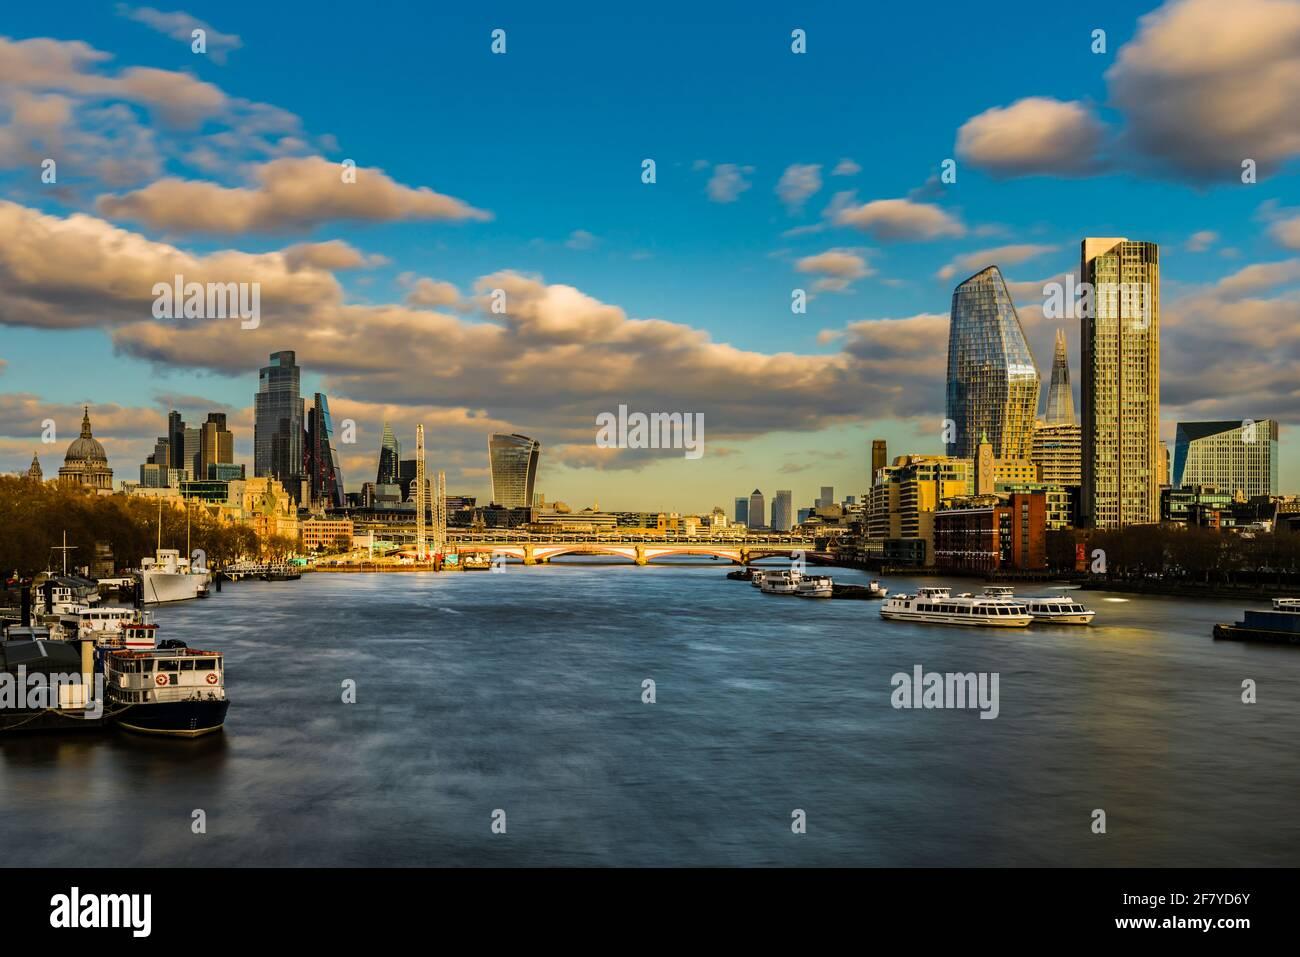 Vue en fin d'après-midi sur la ville de Londres et le pont de Blackfriars, Londres, Royaume-Uni Banque D'Images